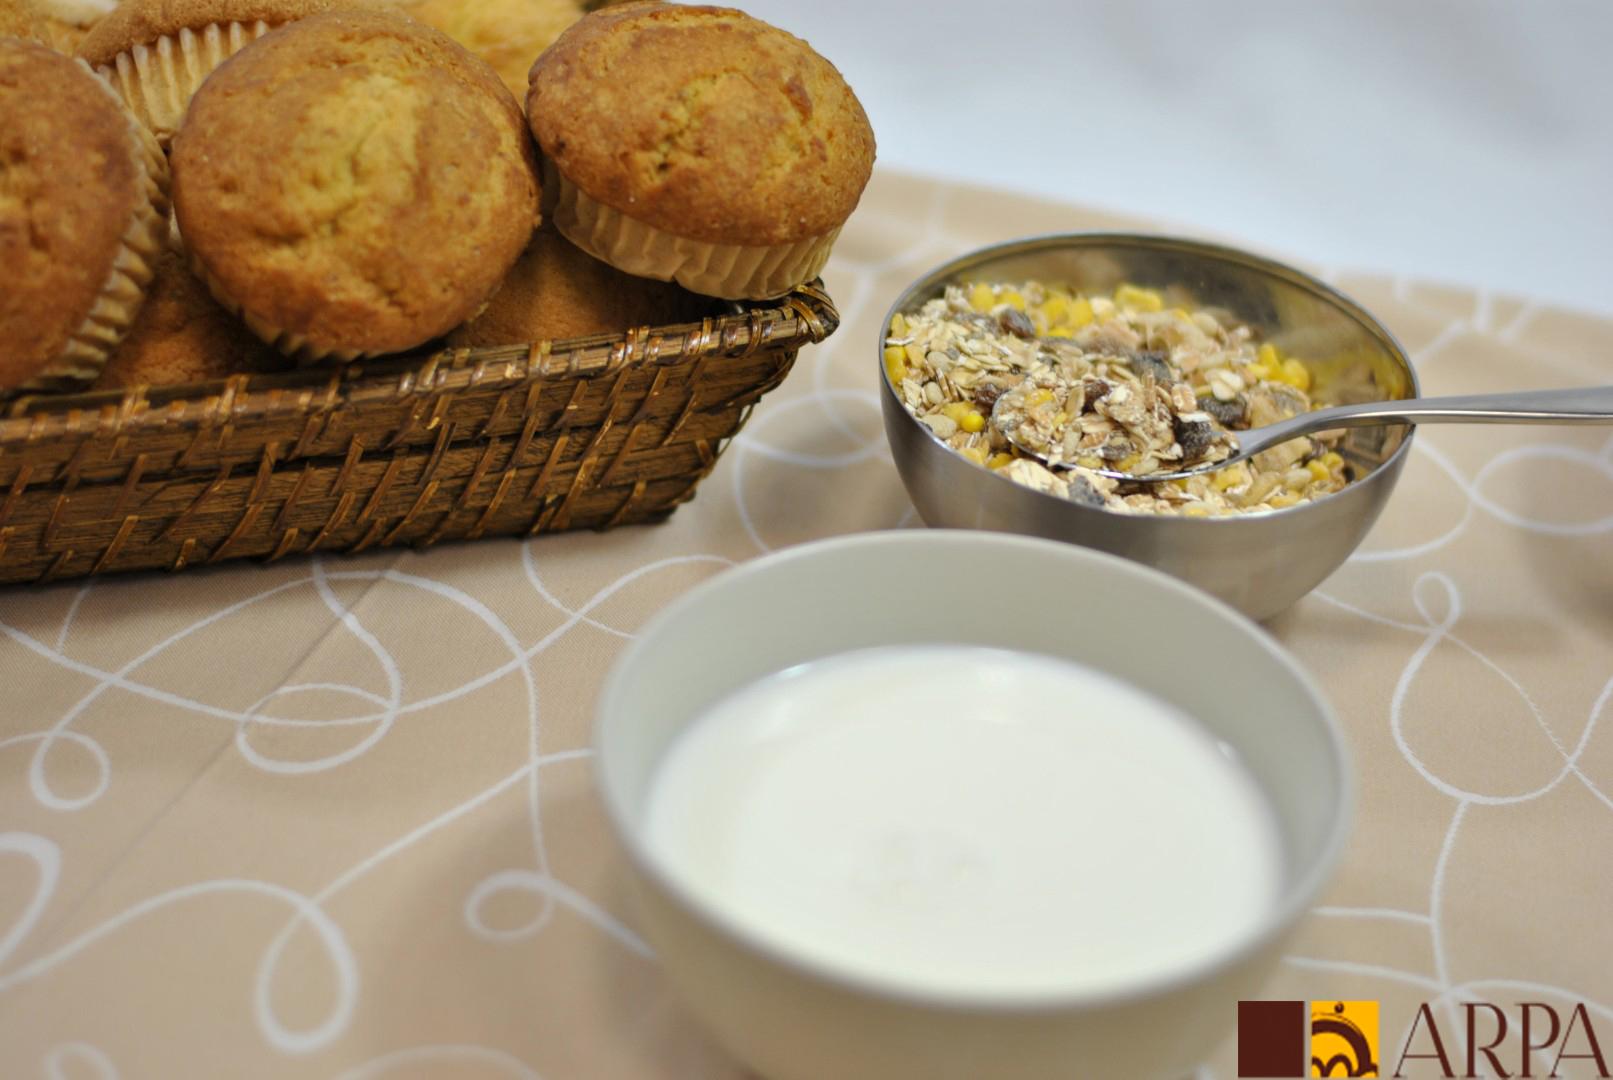 Presentación magdalenas integrales con tazón de leche y cereales